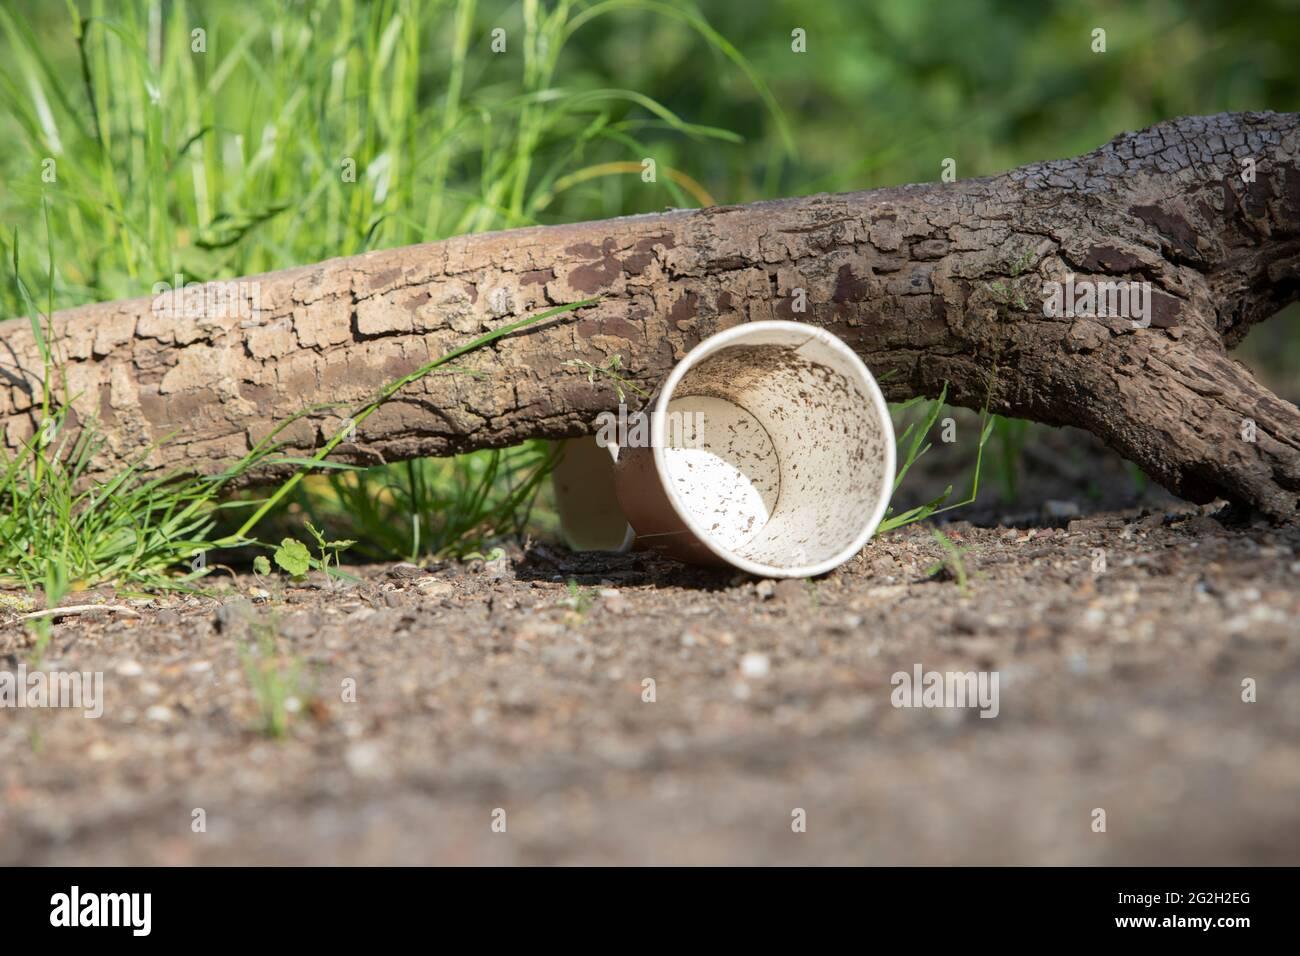 se ha desechado el vaso de papel en el suelo del bosque Foto de stock